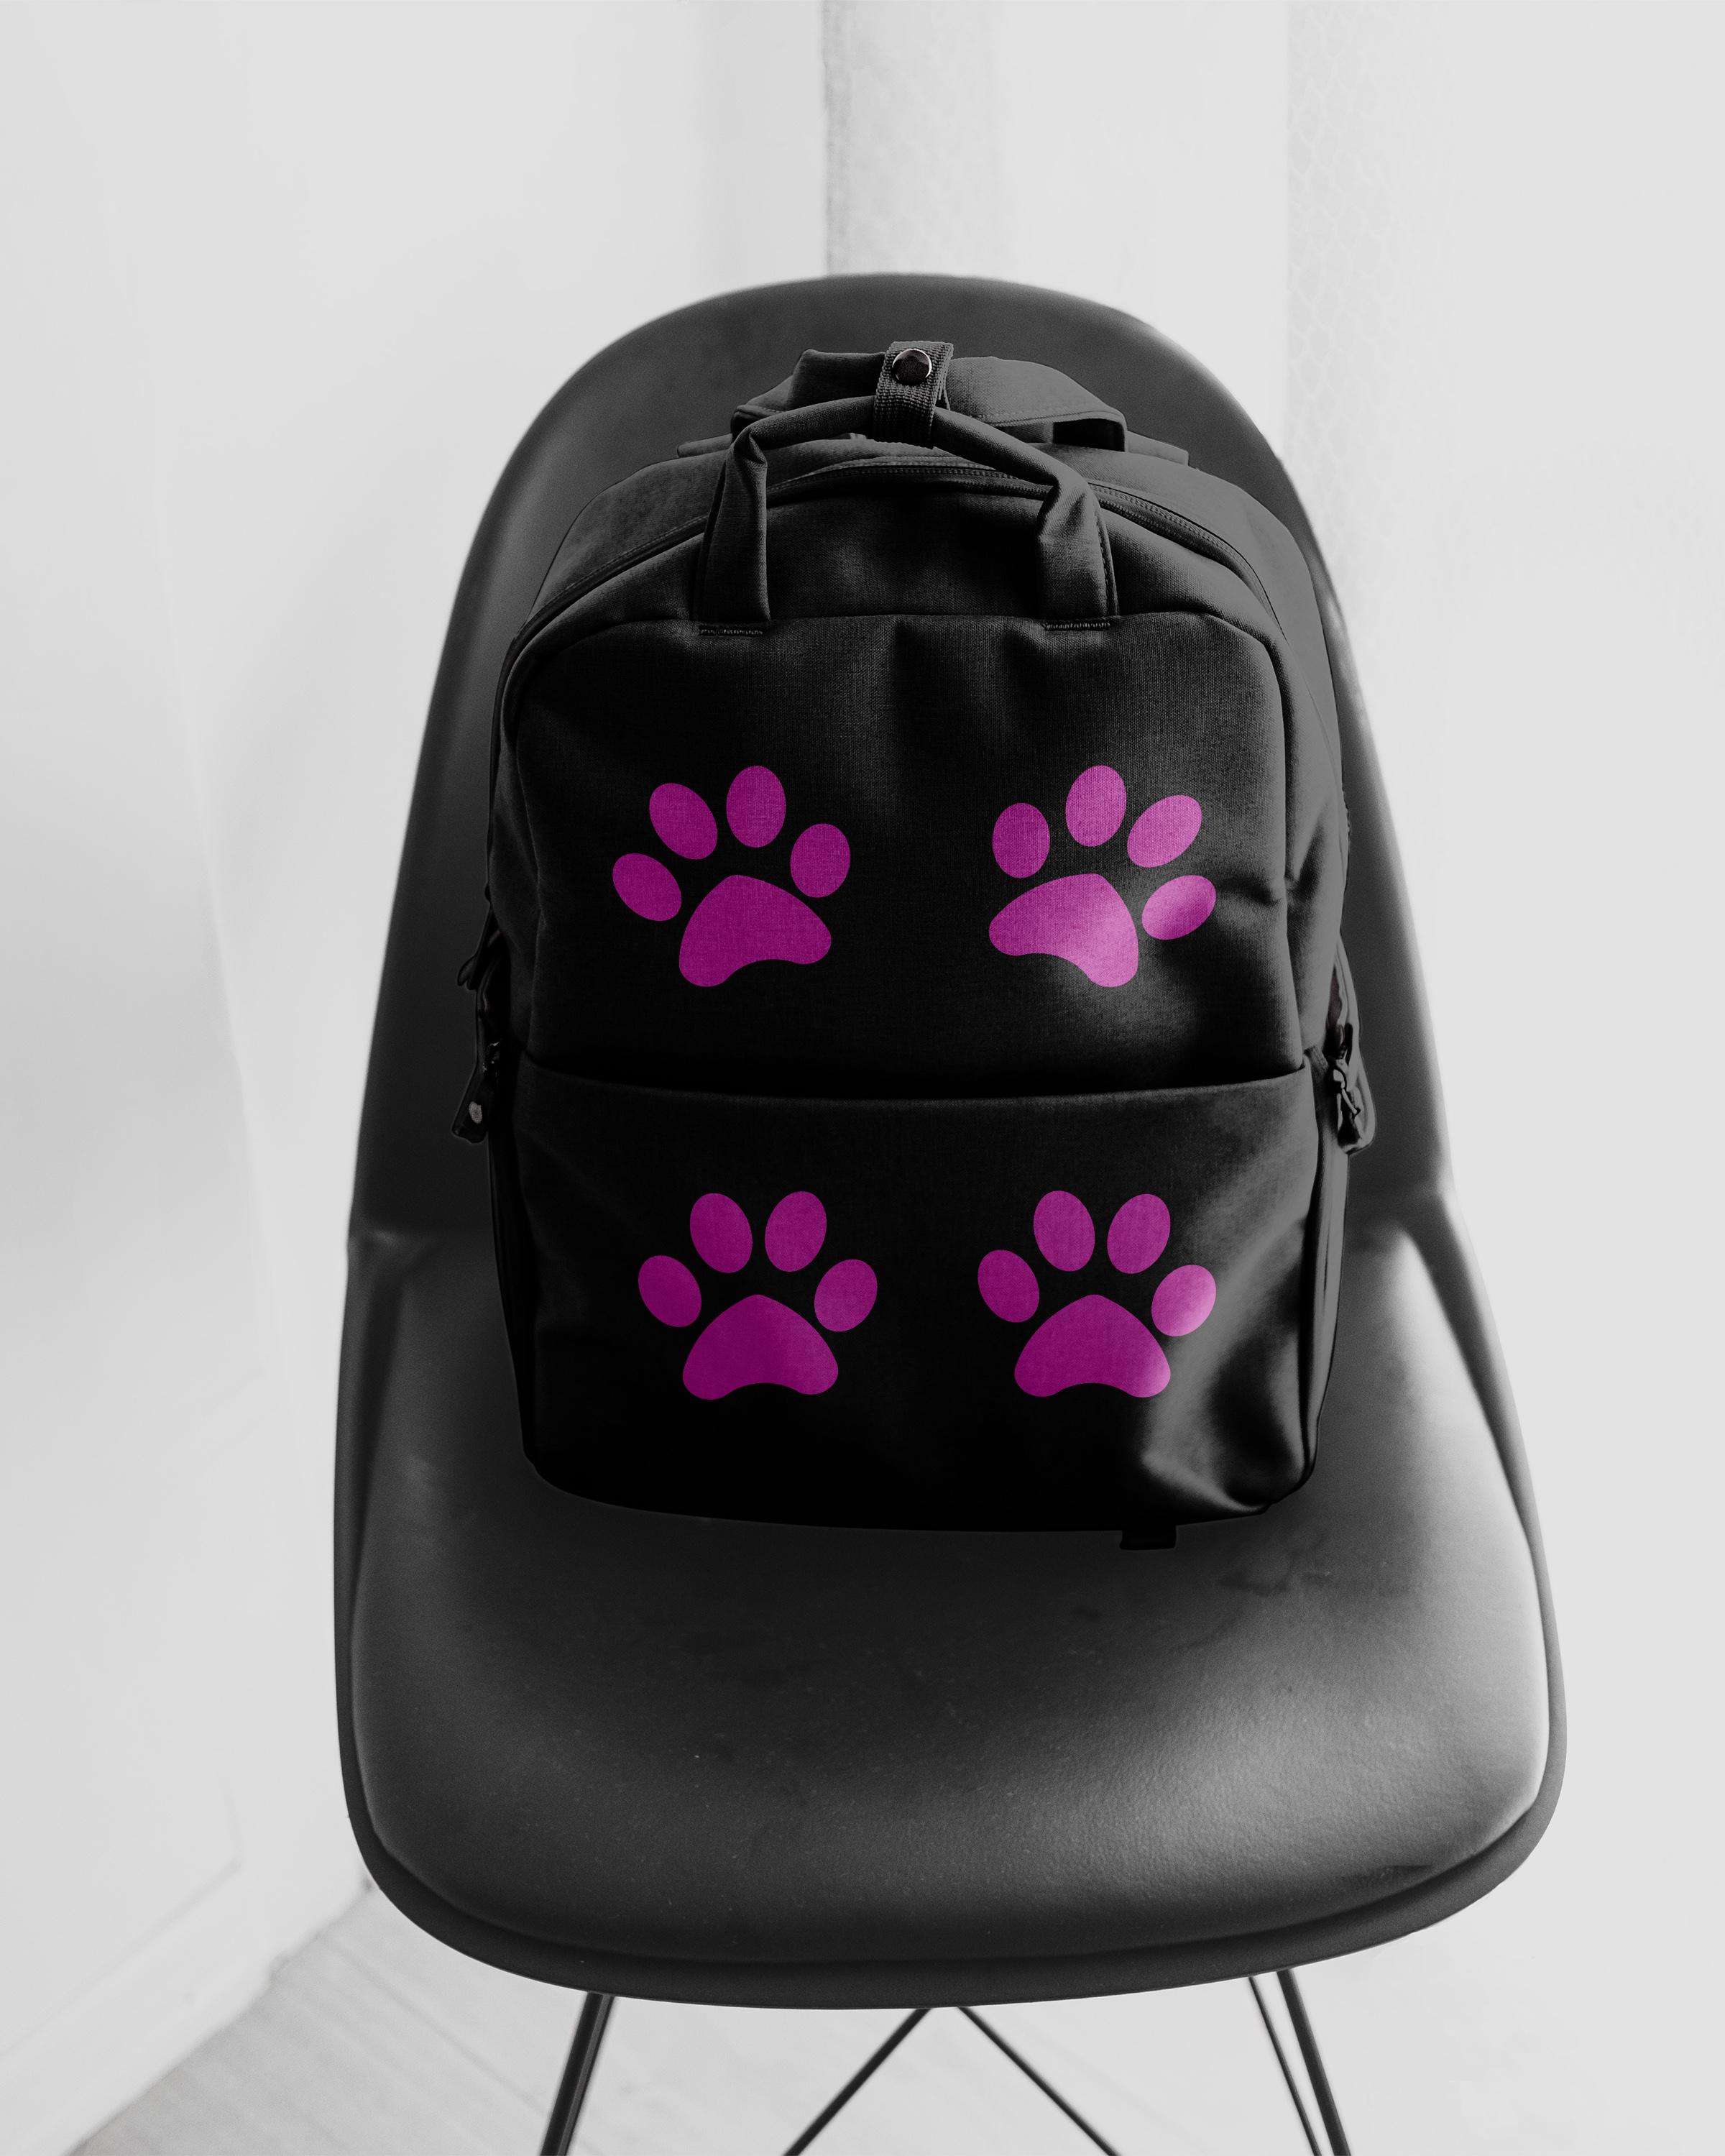 Конкурс на создание оригинального принта для рюкзаков фото f_6595f8caa74ac326.jpg